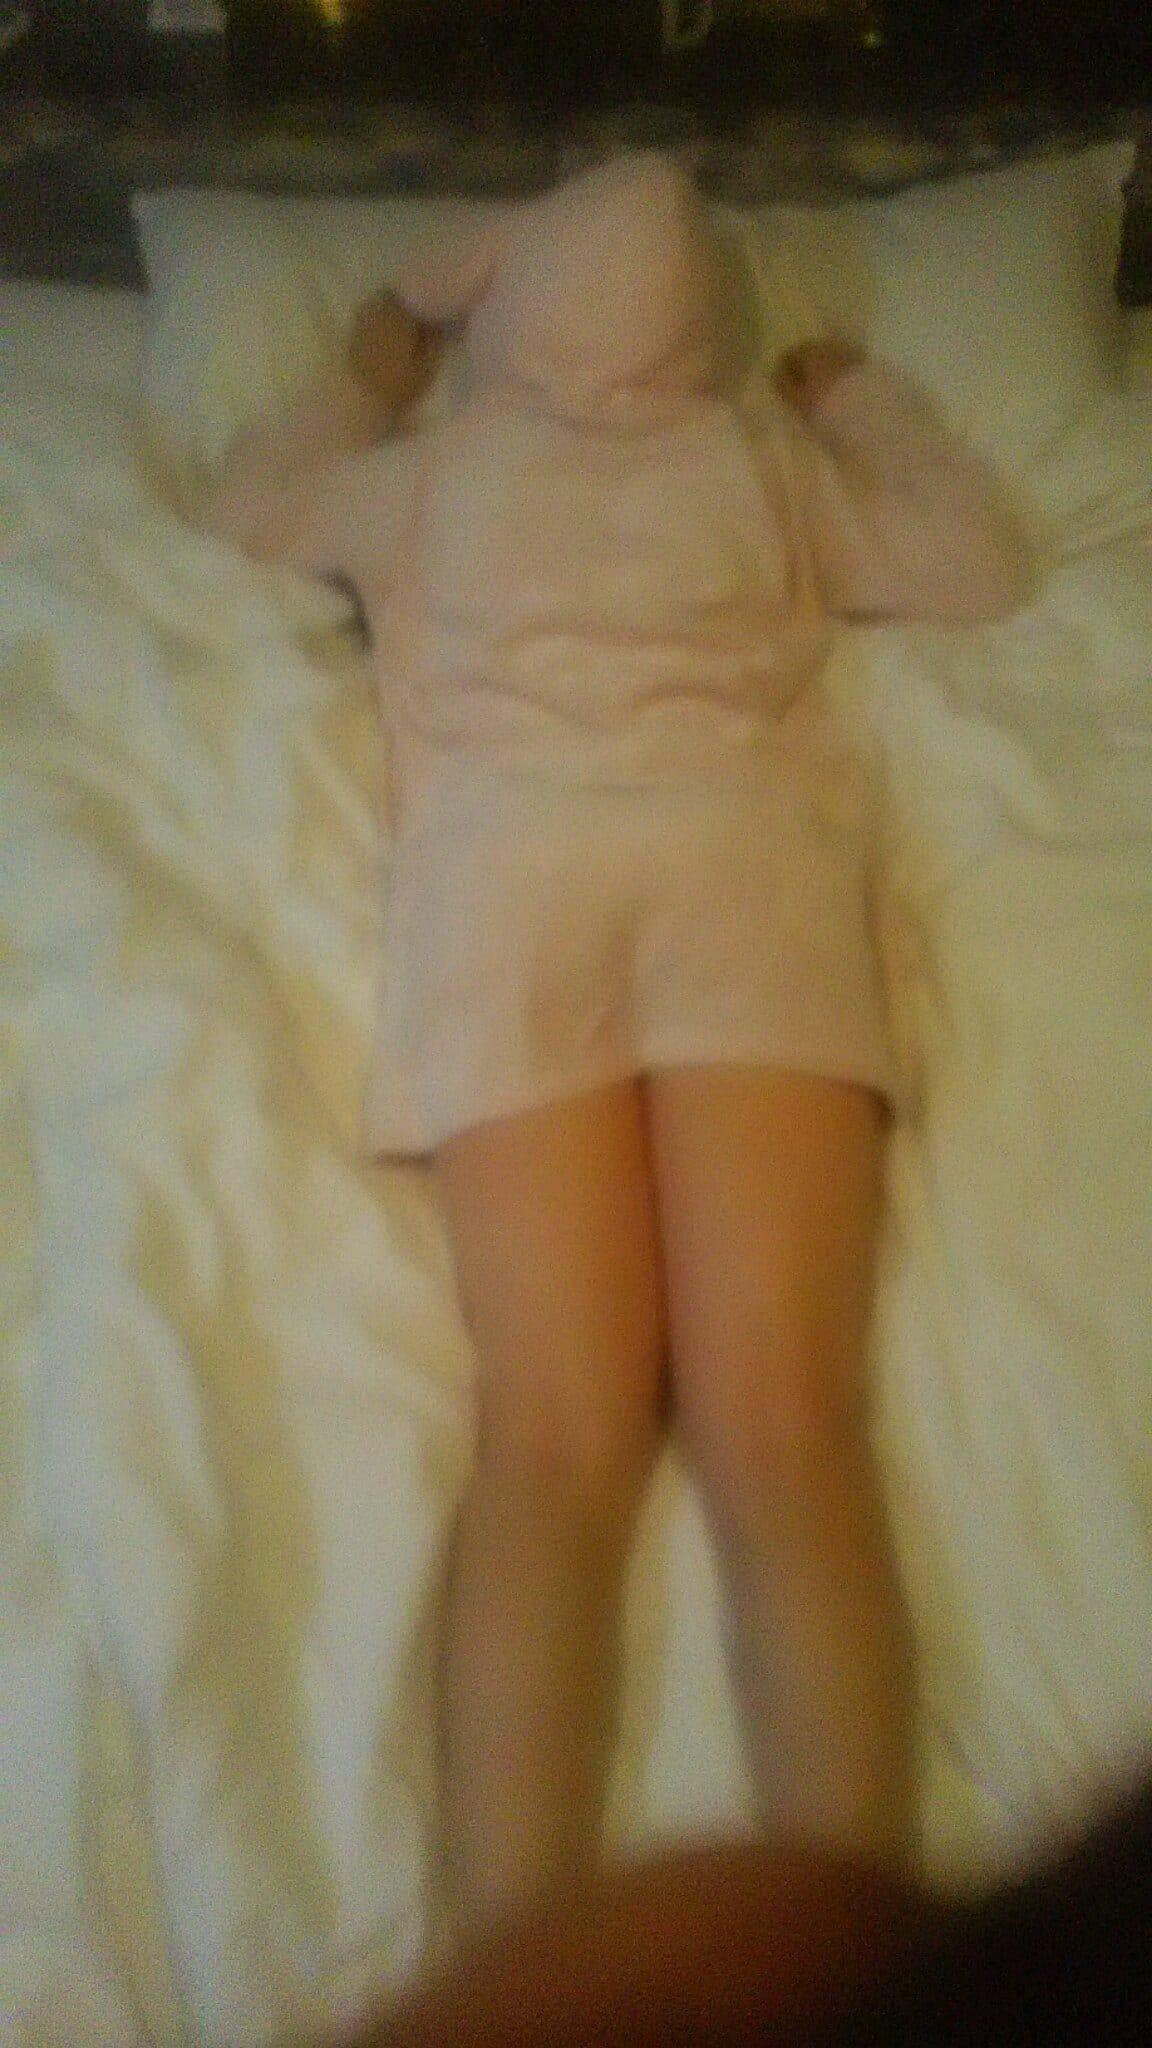 ゆみ「おやすみなさい(*´ω`*)」12/15(金) 22:54   ゆみの写メ・風俗動画